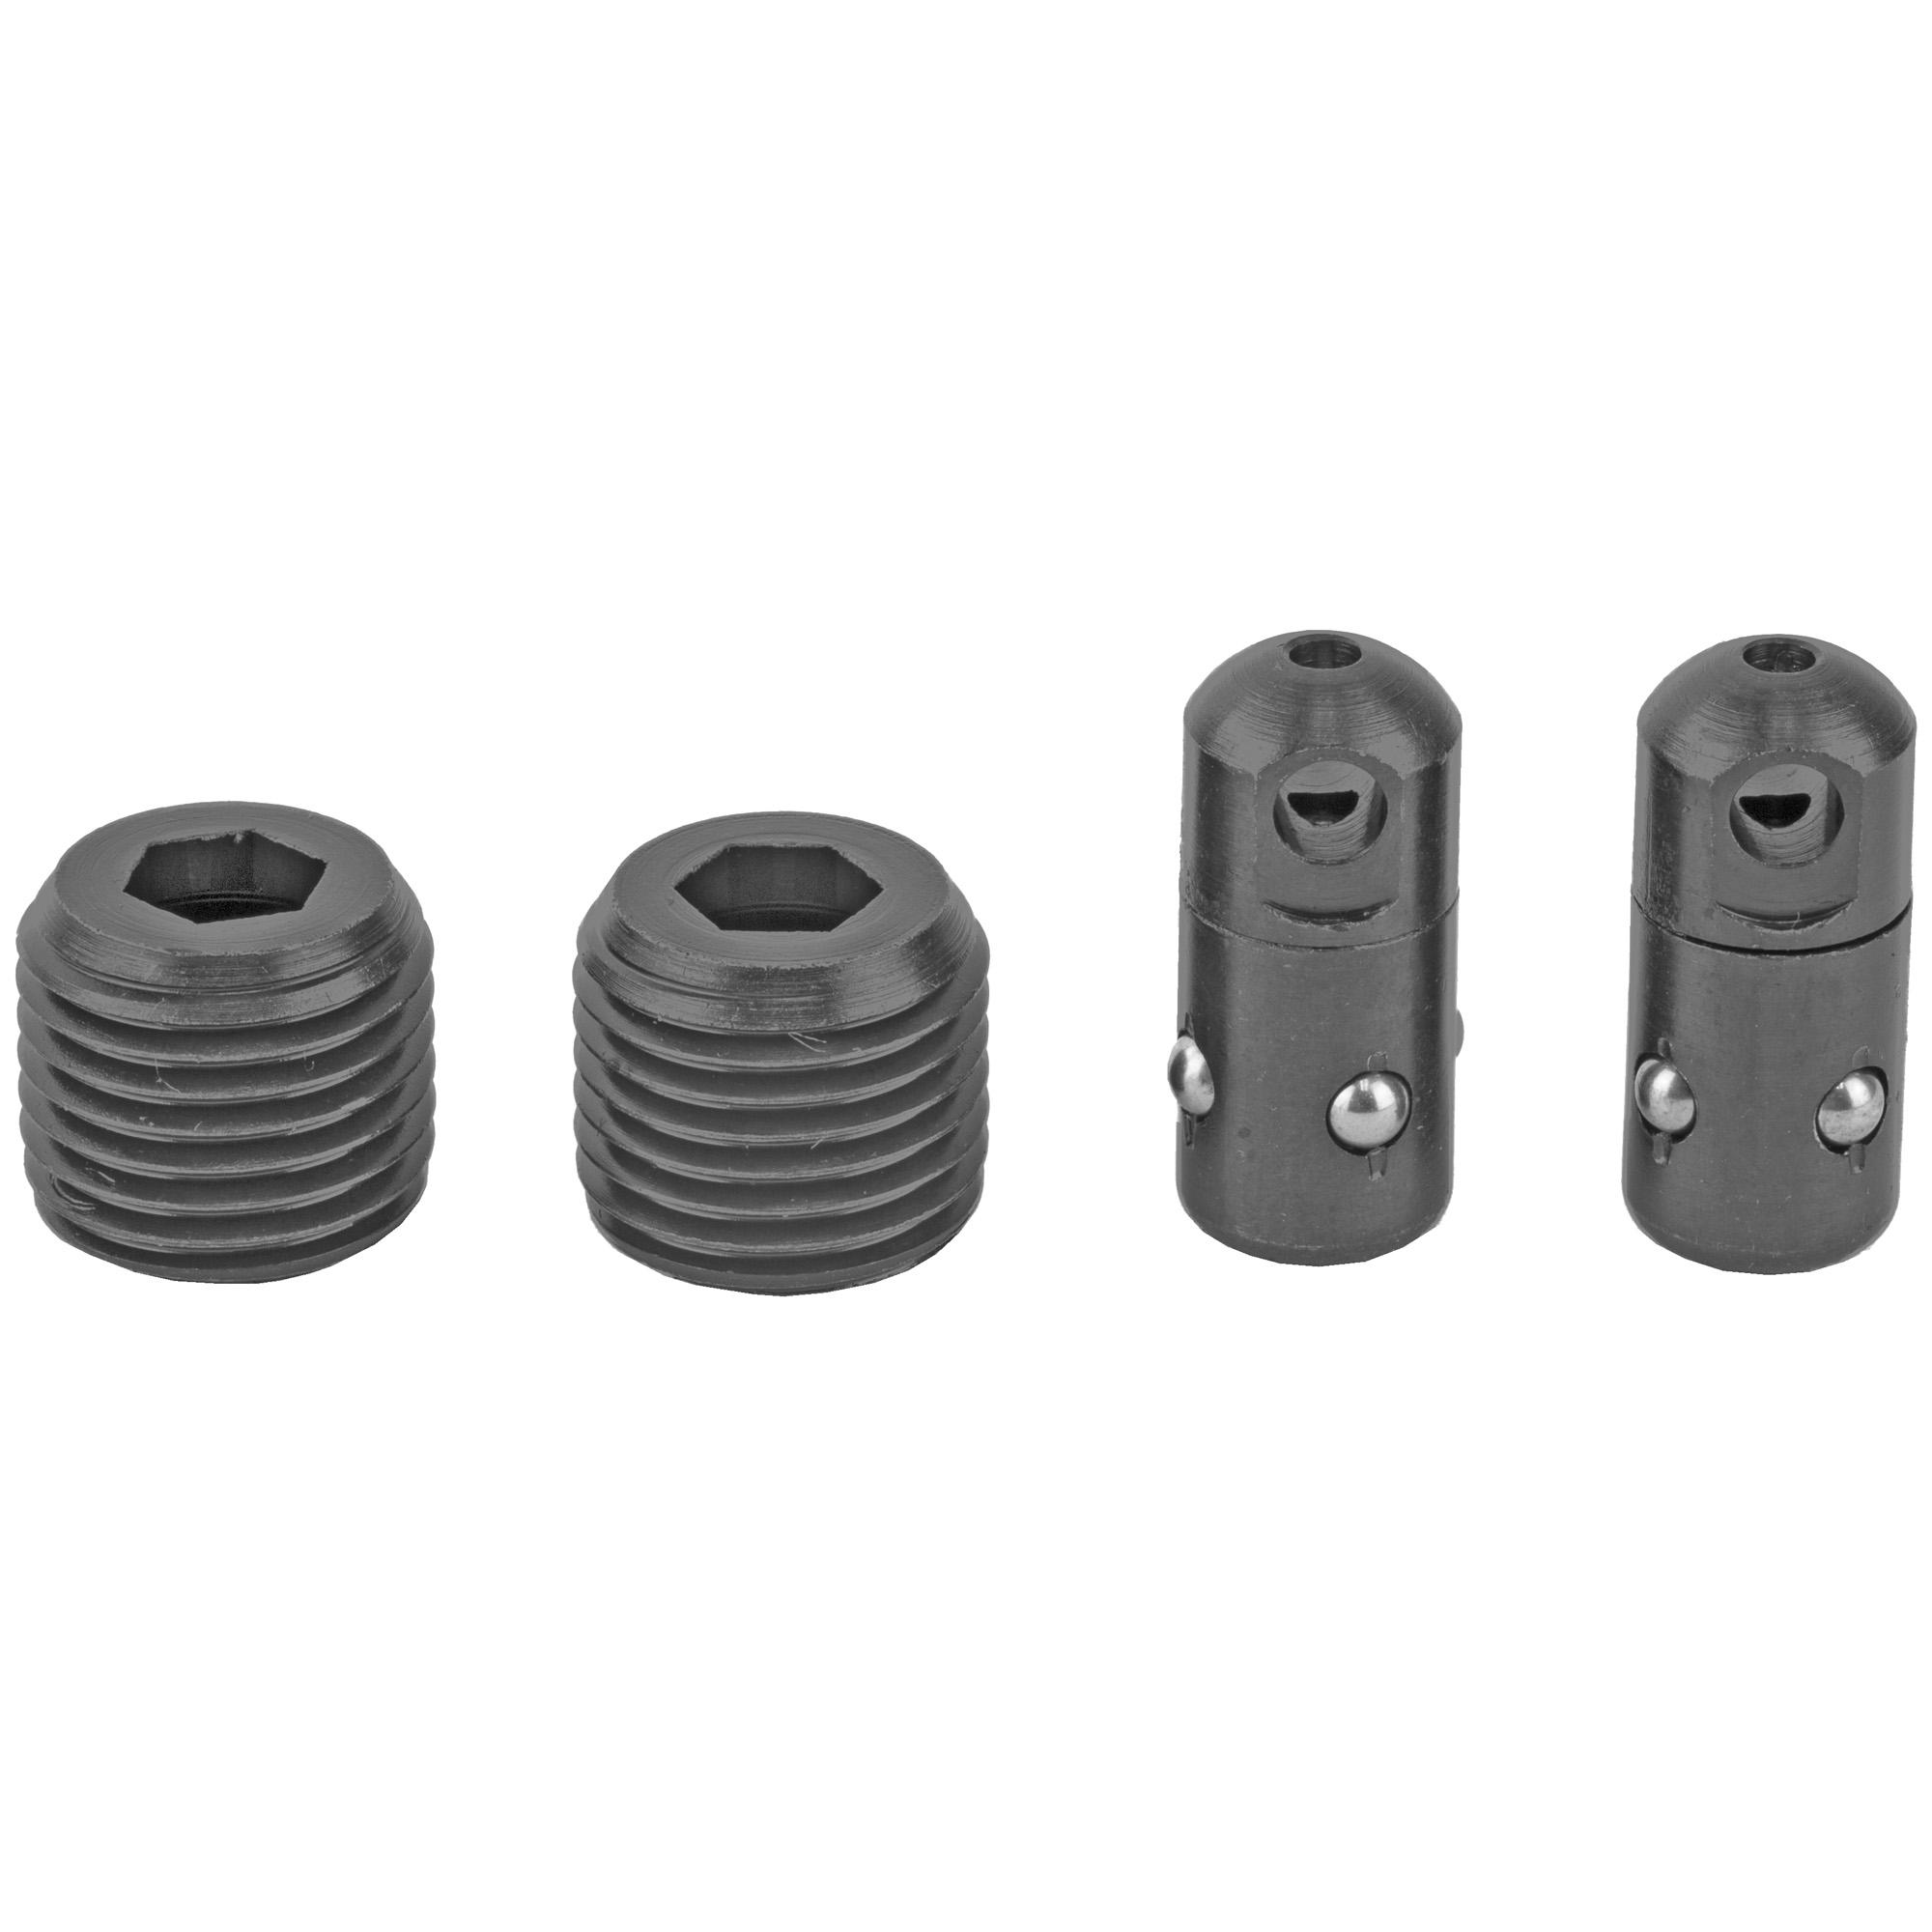 Grovtec Multi-adapter Stud